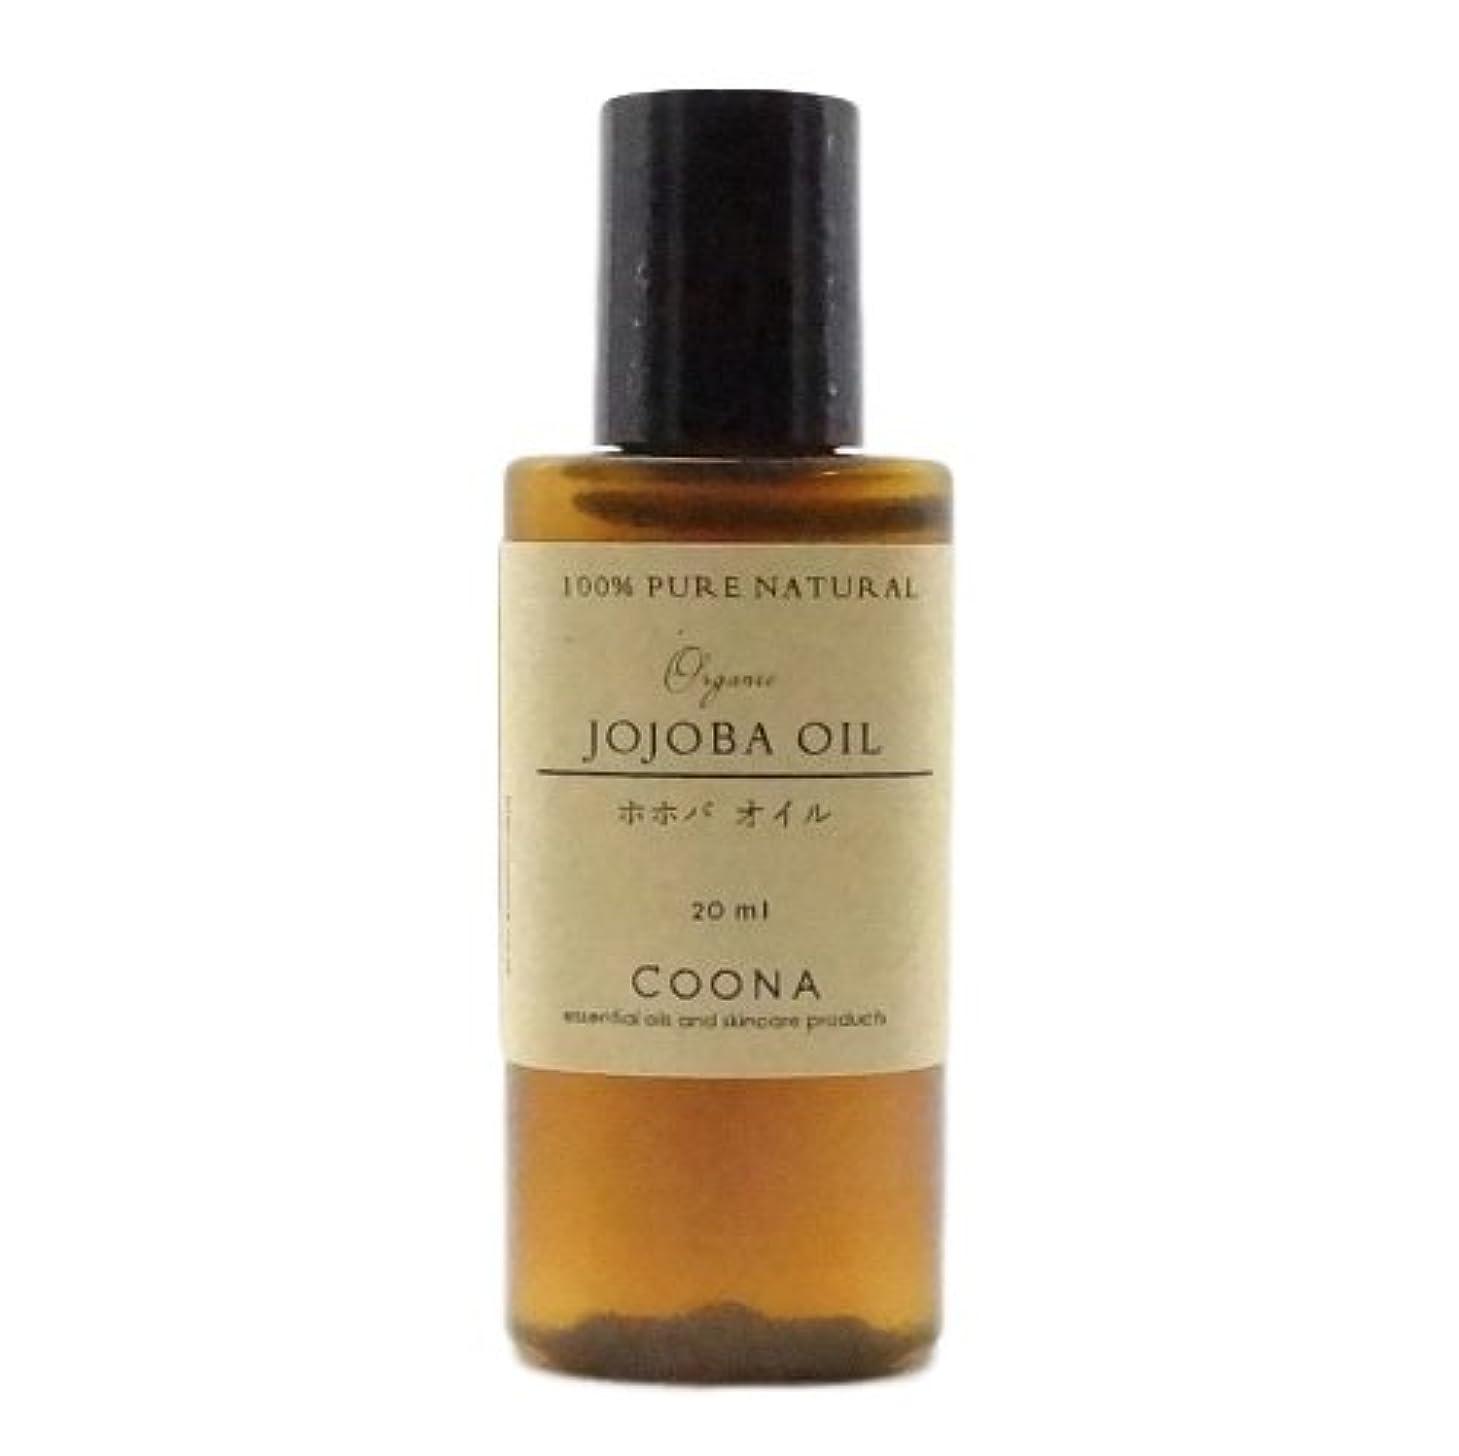 入手します薄めるモンゴメリーホホバオイル 20 ml (COONA キャリアオイル ベースオイル 100%ピュア ナチュラル 天然植物油)